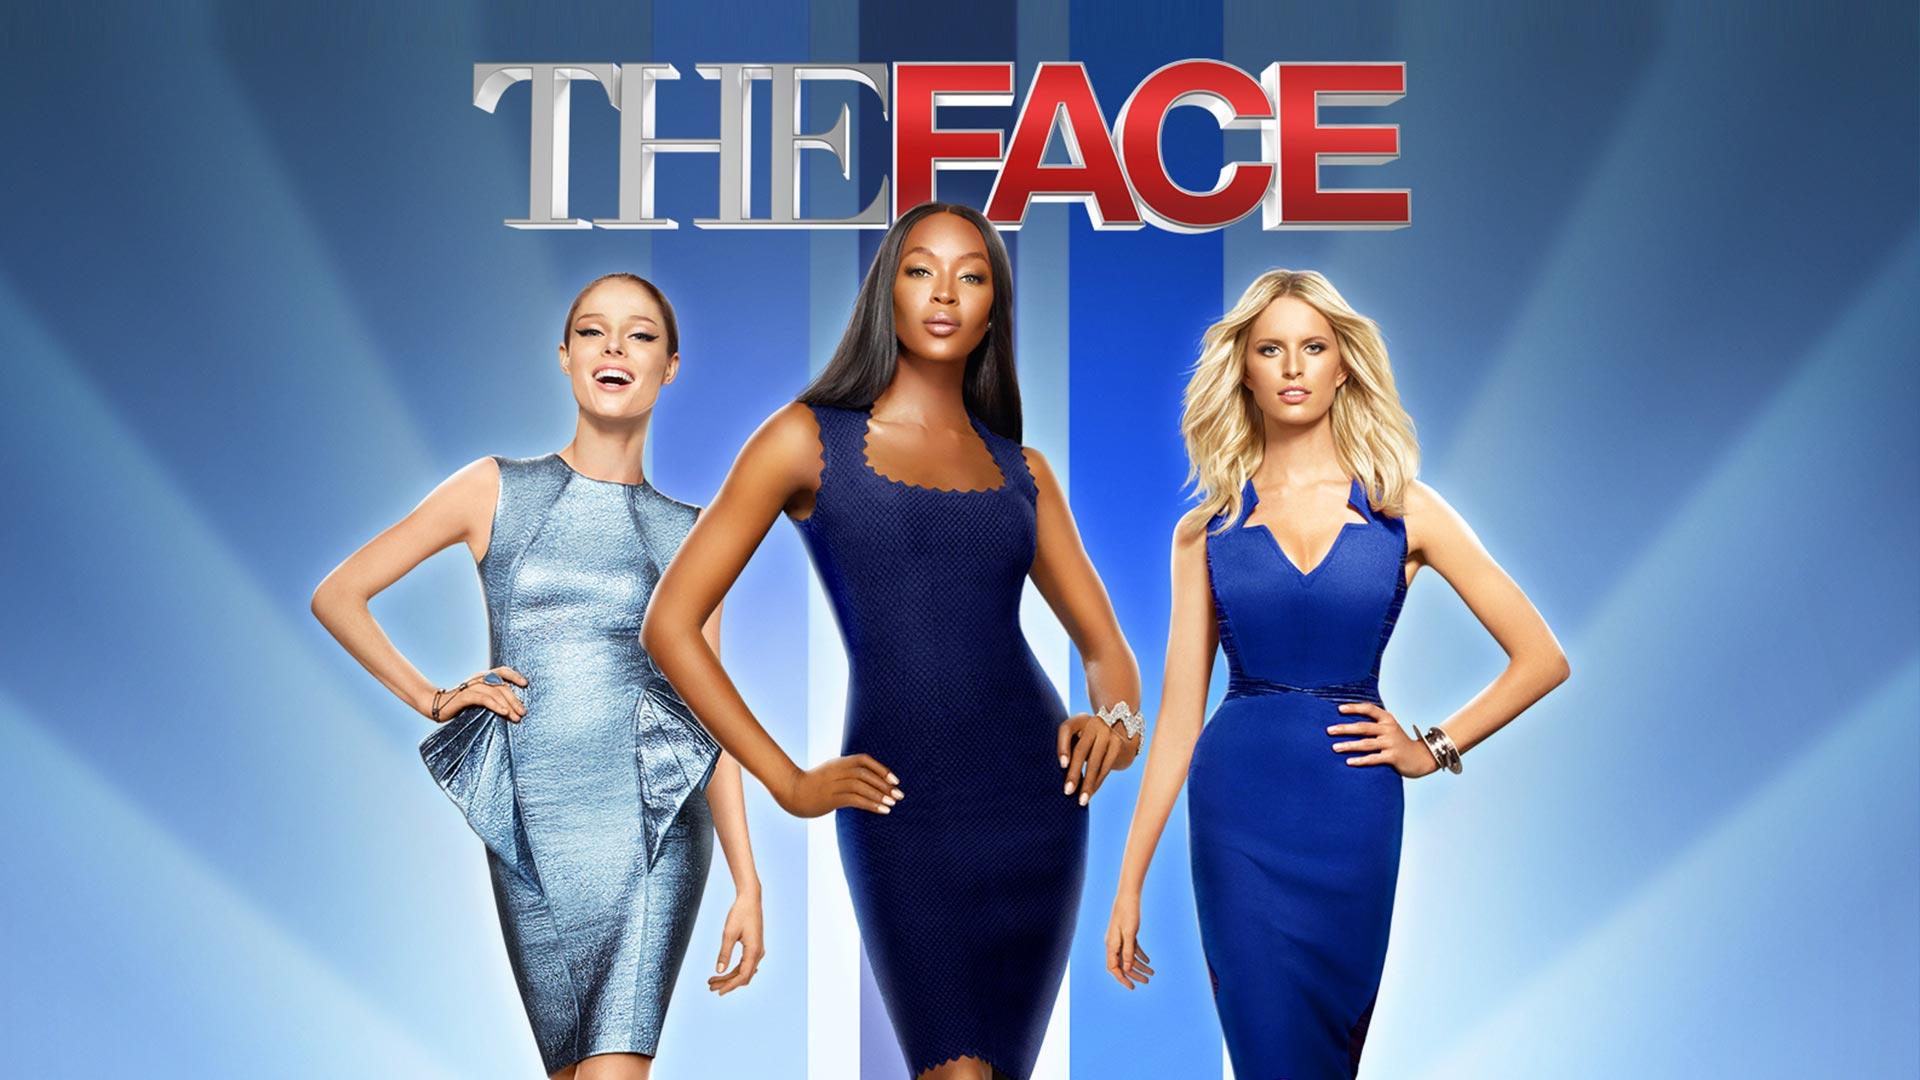 The Face Season 1